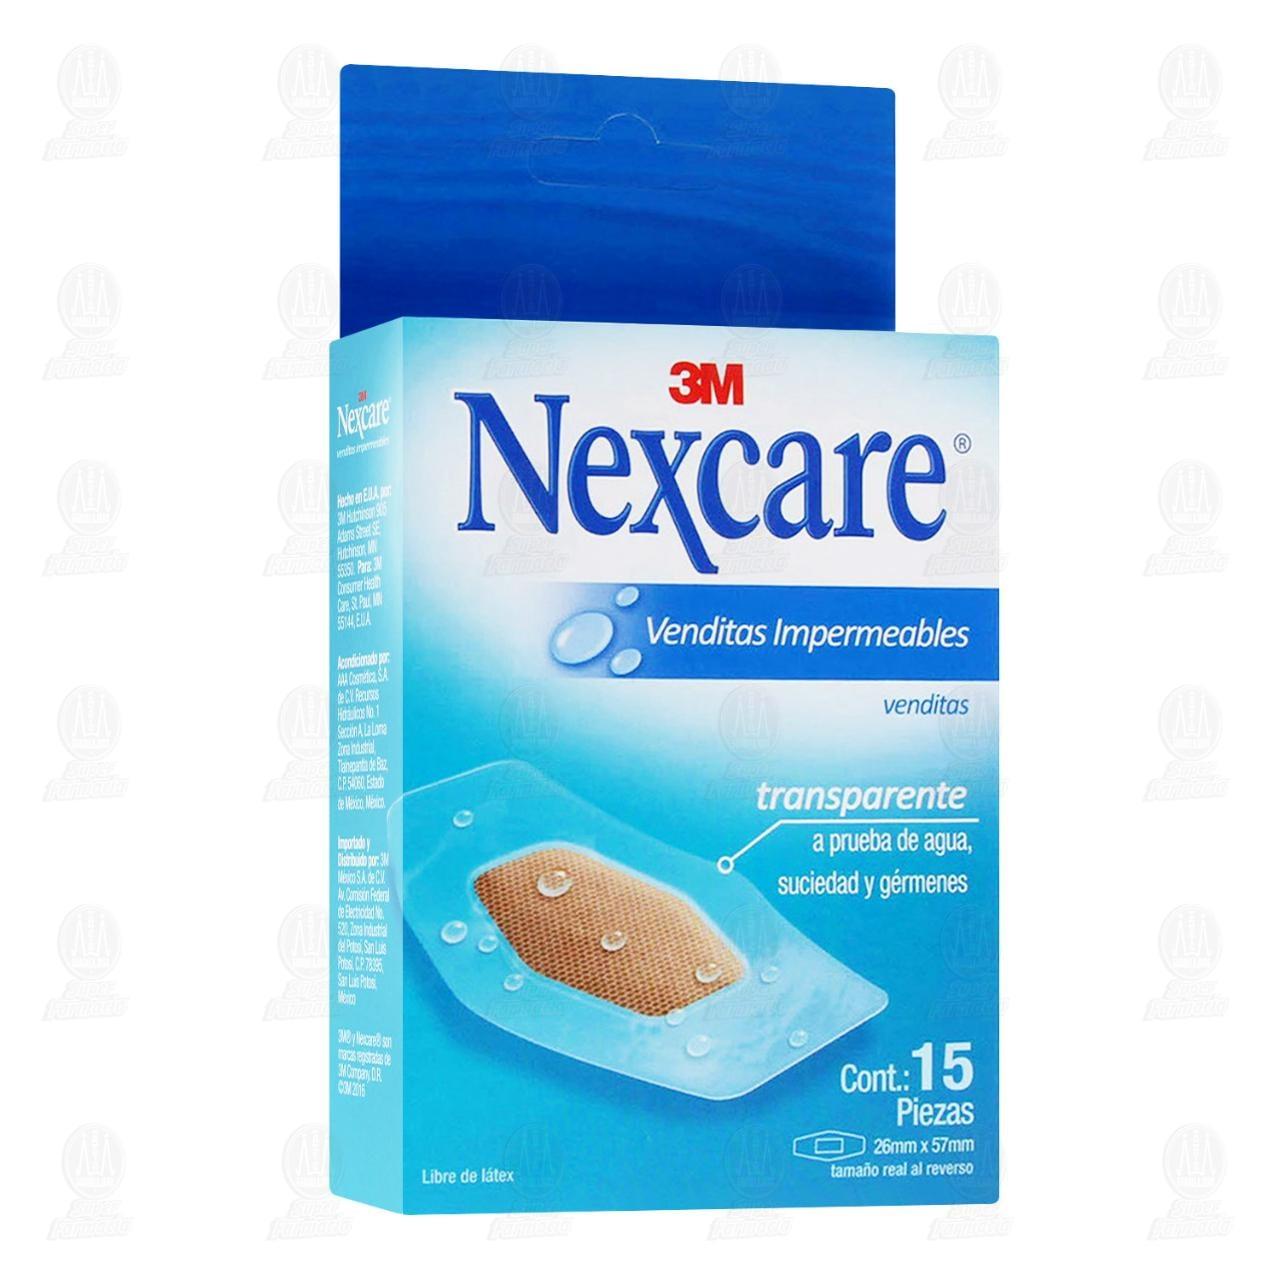 Comprar 3M Nexcare Venditas Impermeables Transparentes 26mm x 57mm 15pzas en Farmacias Guadalajara